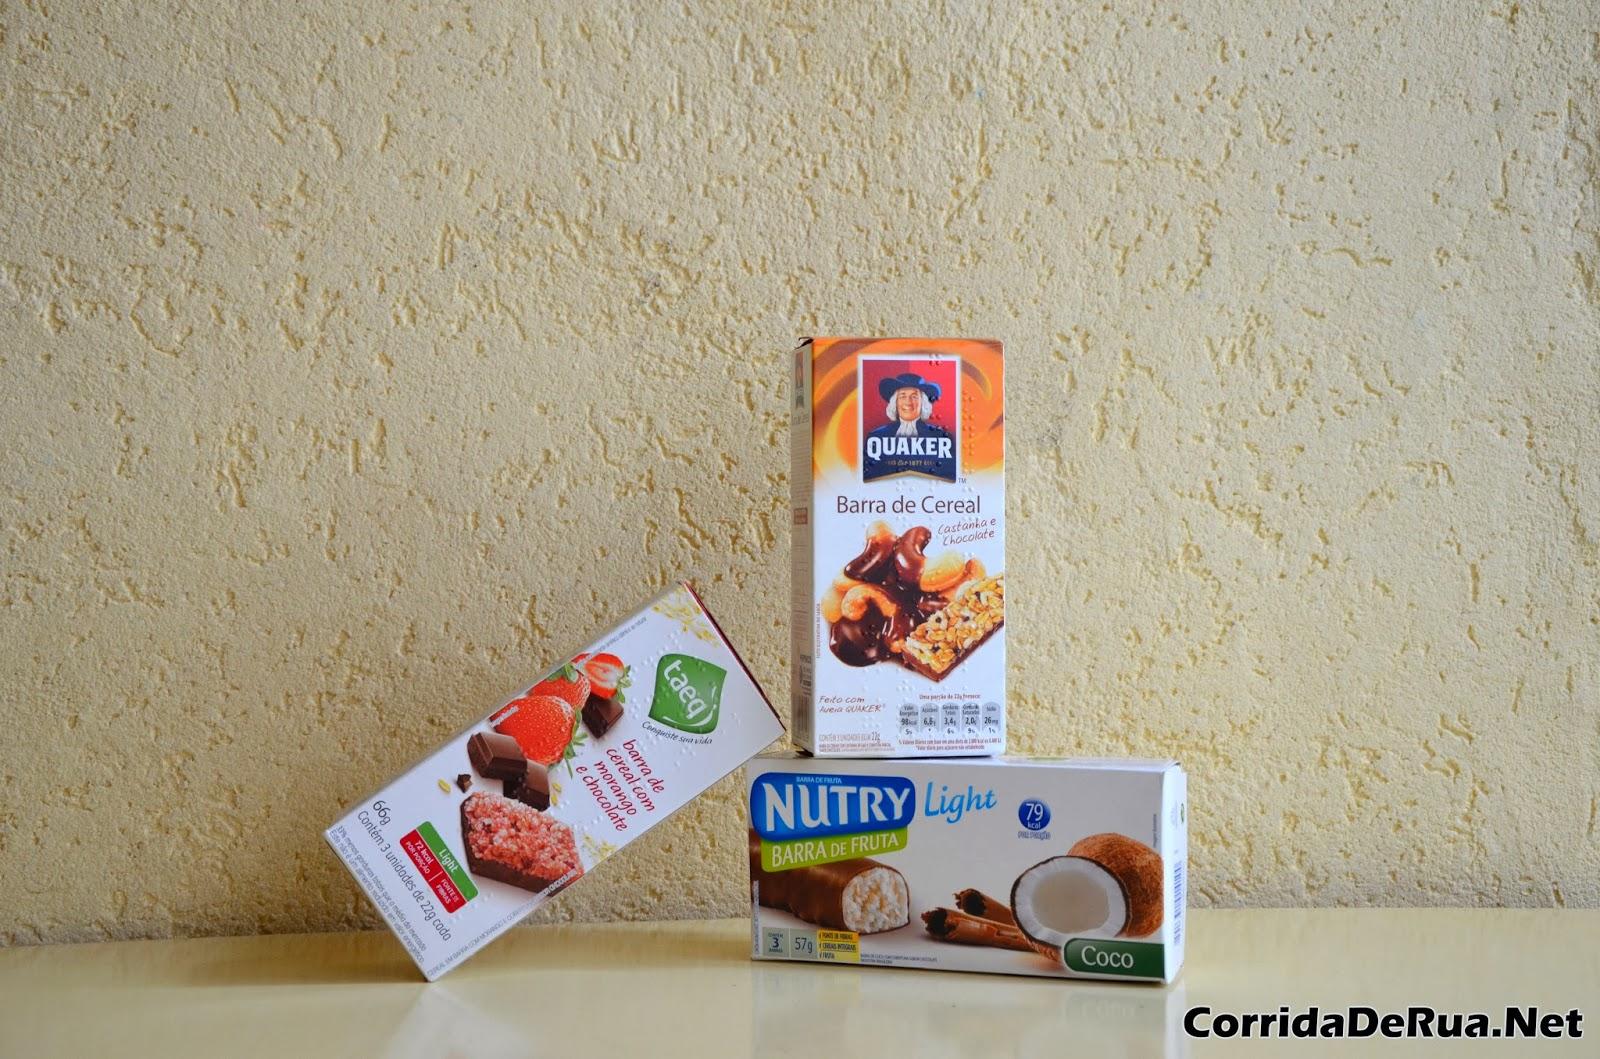 Barras de Cereal: Taeq, Quaker e Nutry - Corrida de Rua